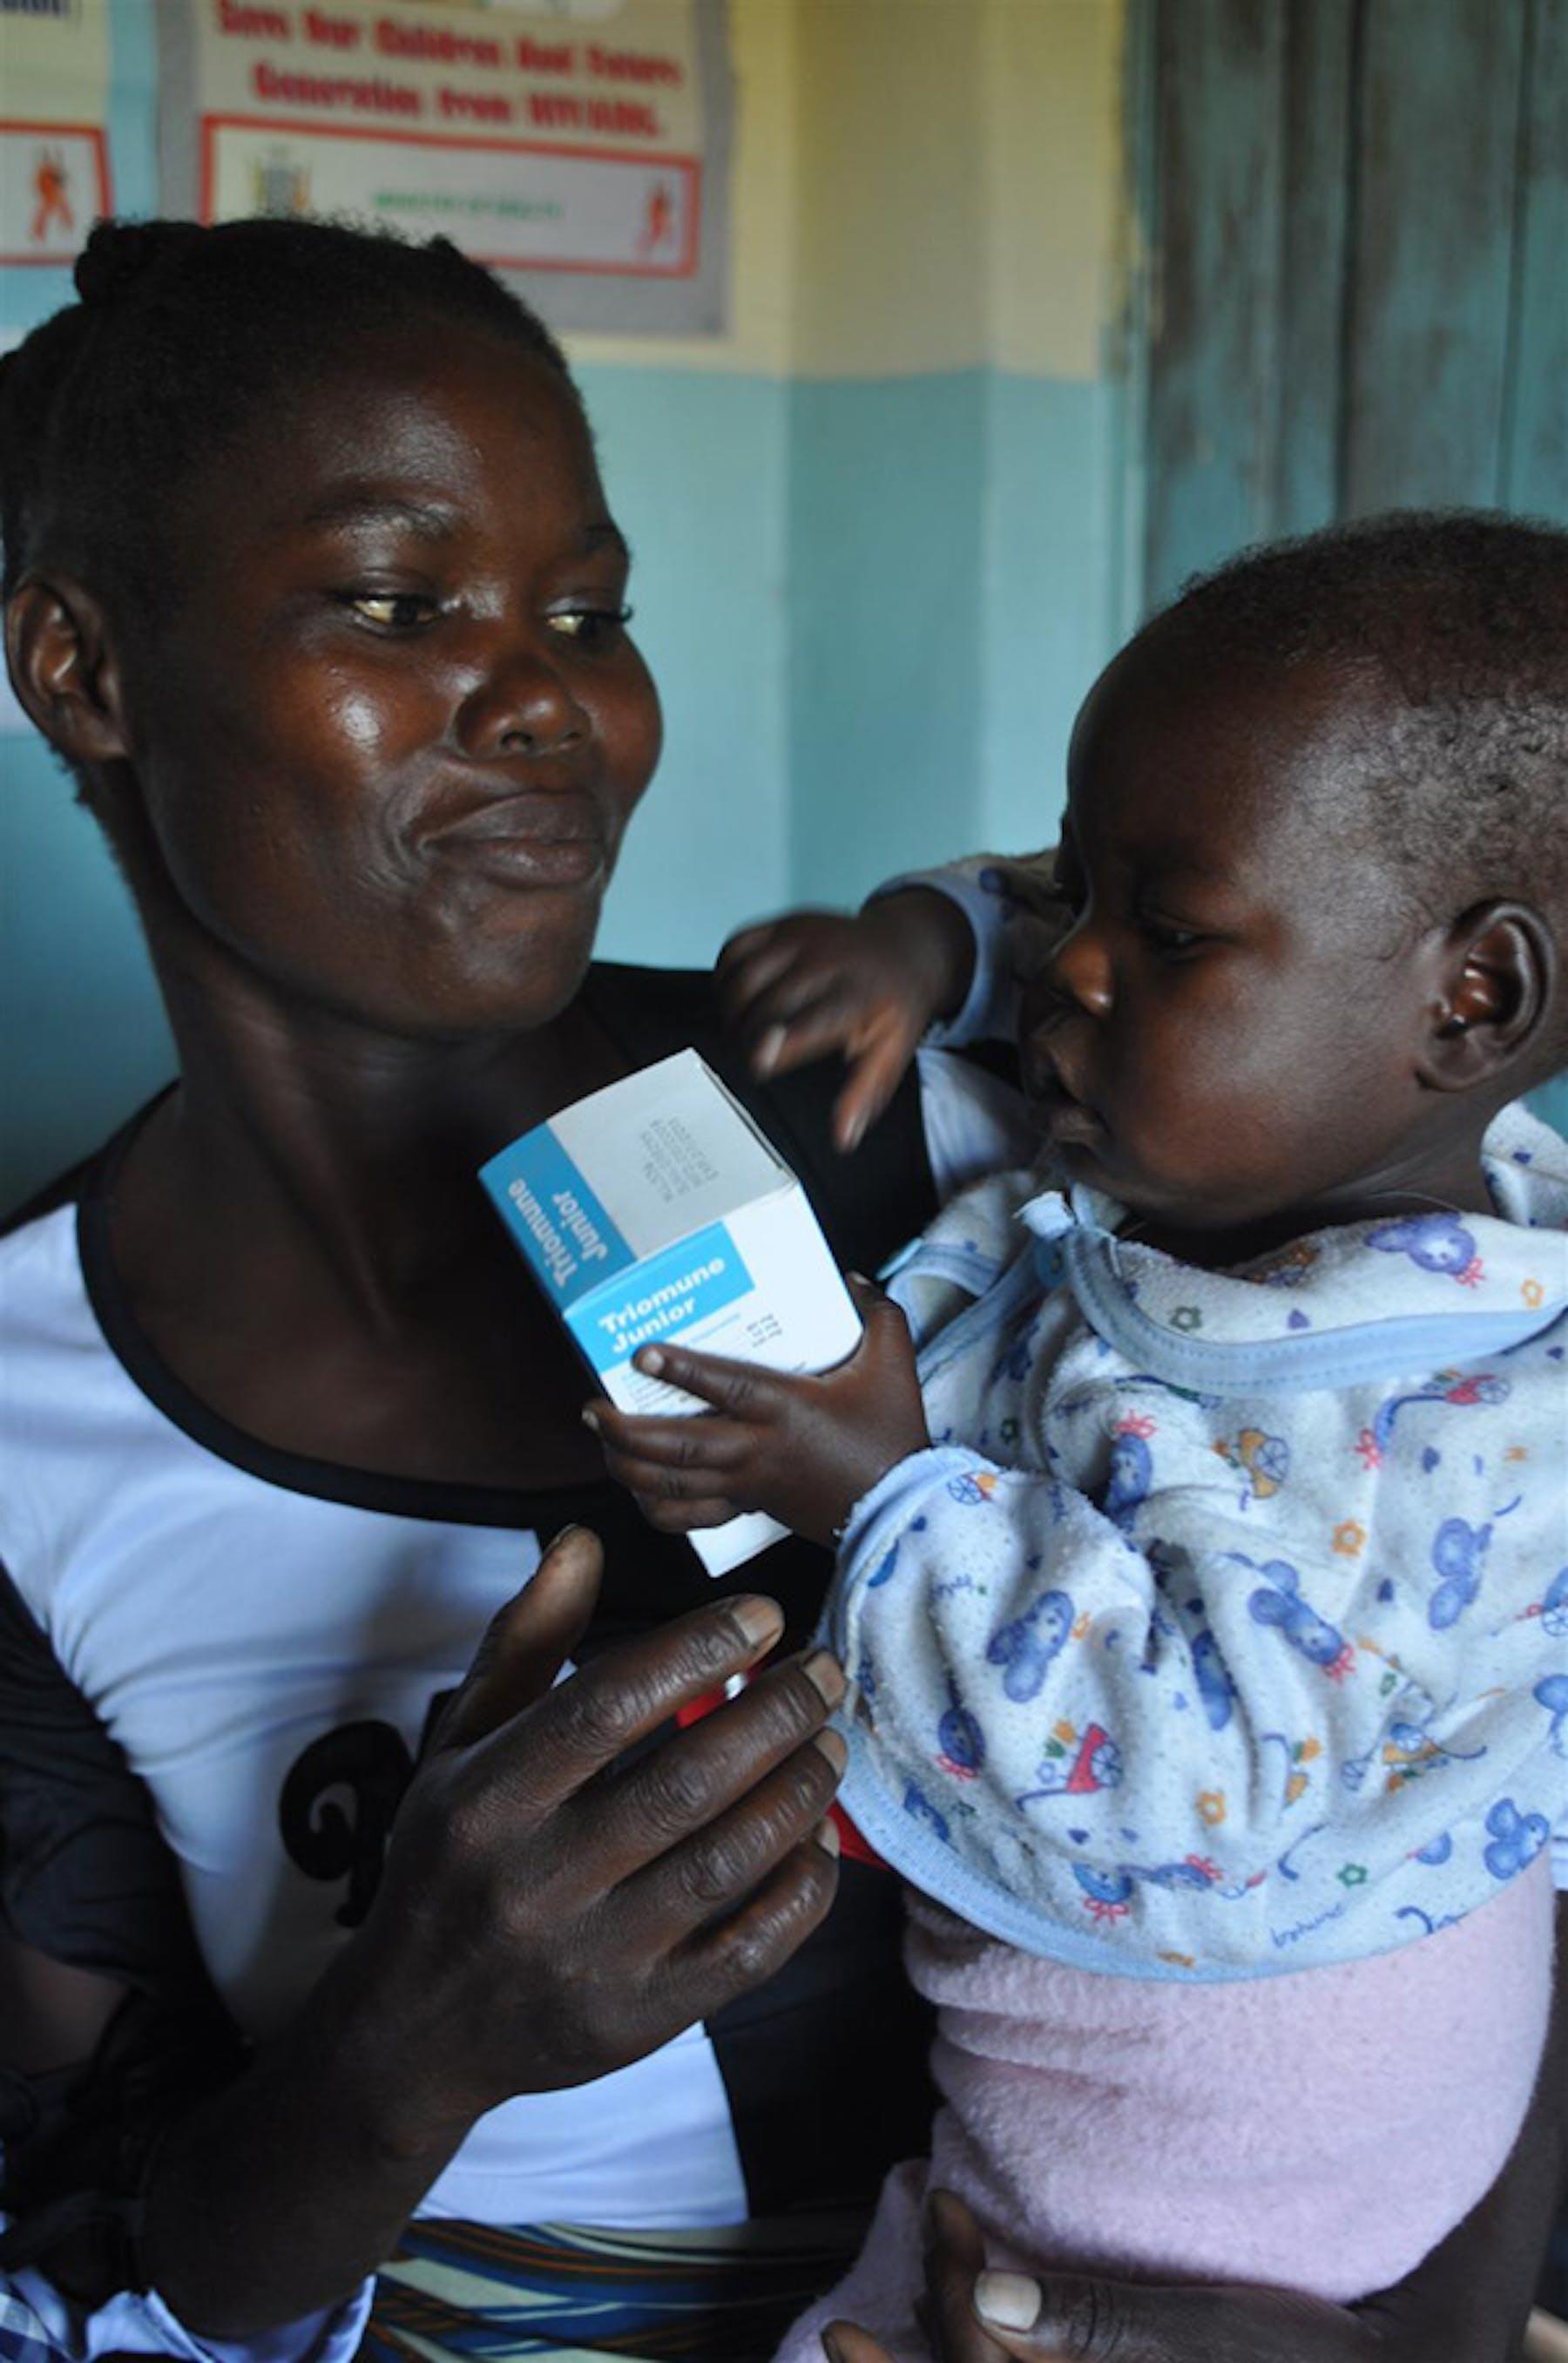 Bright, 21 mesi, stringe tra le mani una confezione di farmaci antiretrovirali, la stessa medicina che la sta proteggendo dal virus HIV che ha ereditato dalla mamma. Qui è con sua zia Leontine, nell'ospedale Chimebe (Zambia) - ©UNICEF/NYHQ2010-0871/Nesbitt